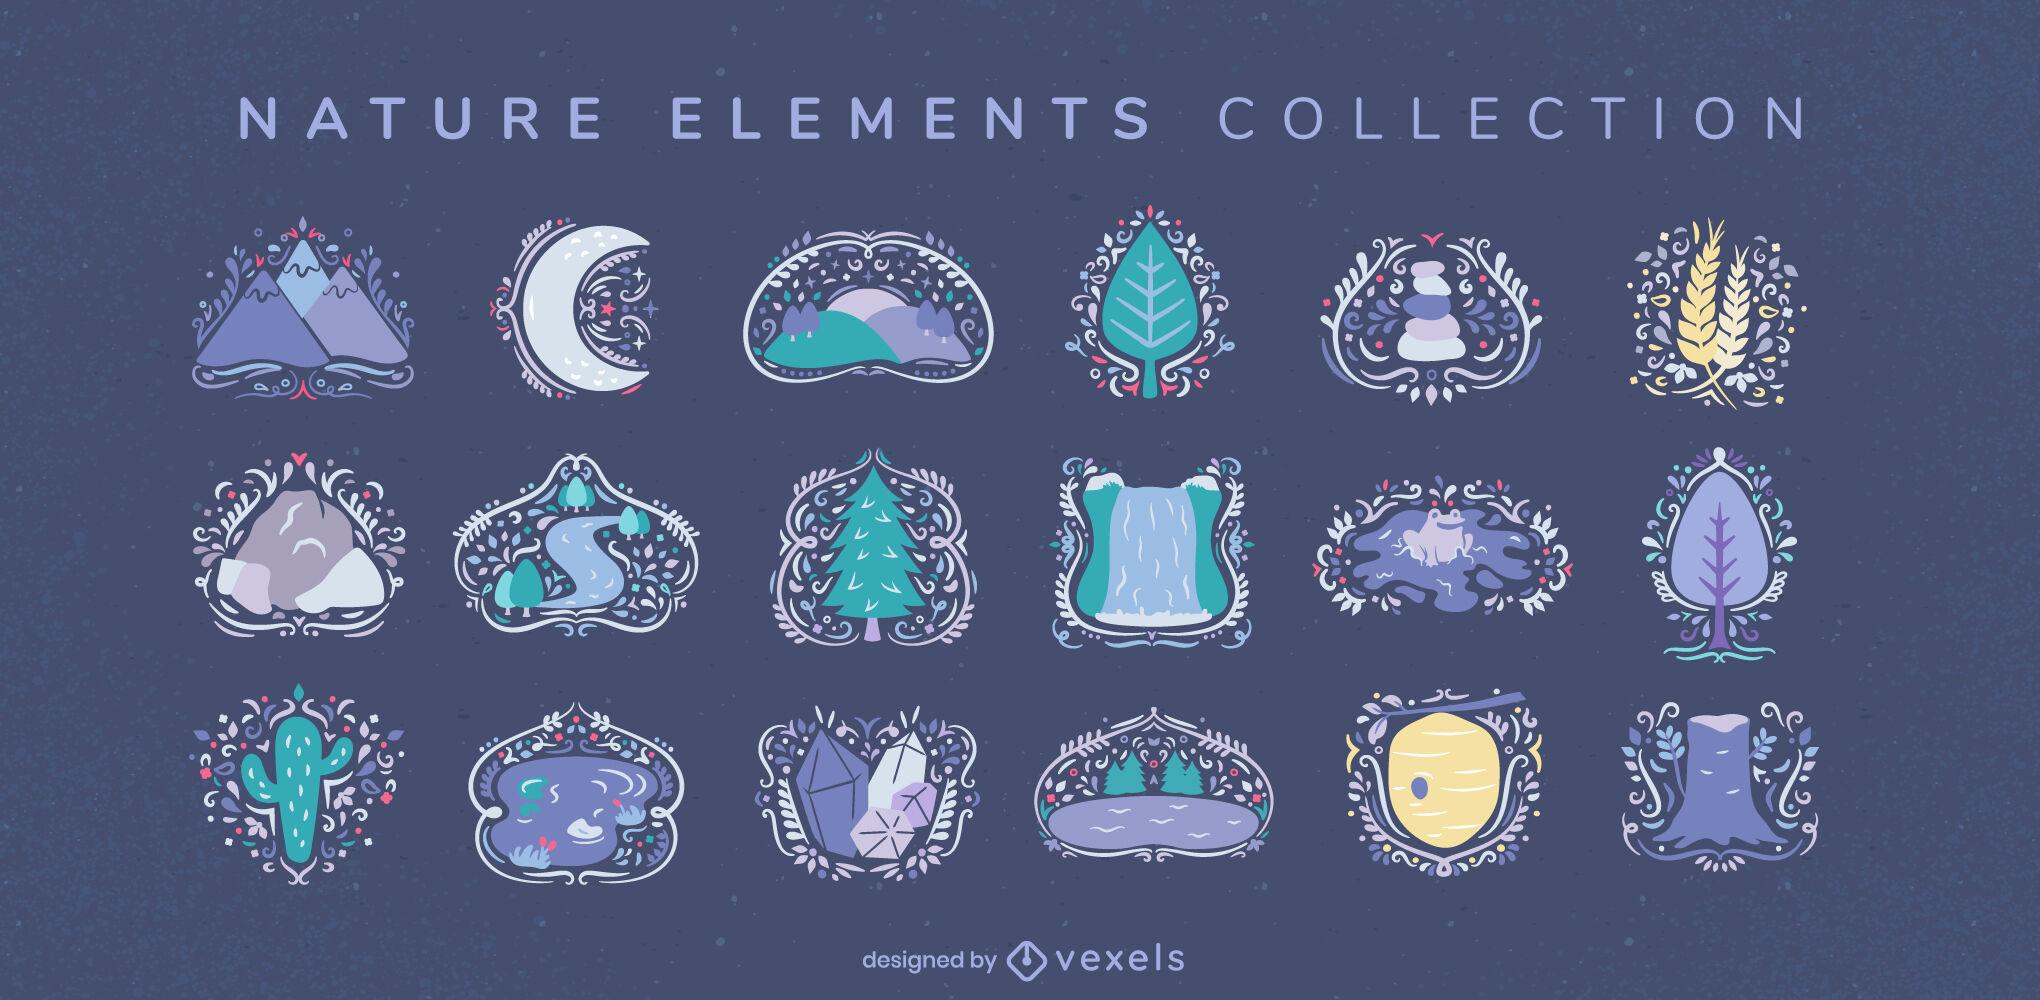 Swirly-Kollektion mit natürlichen Elementen